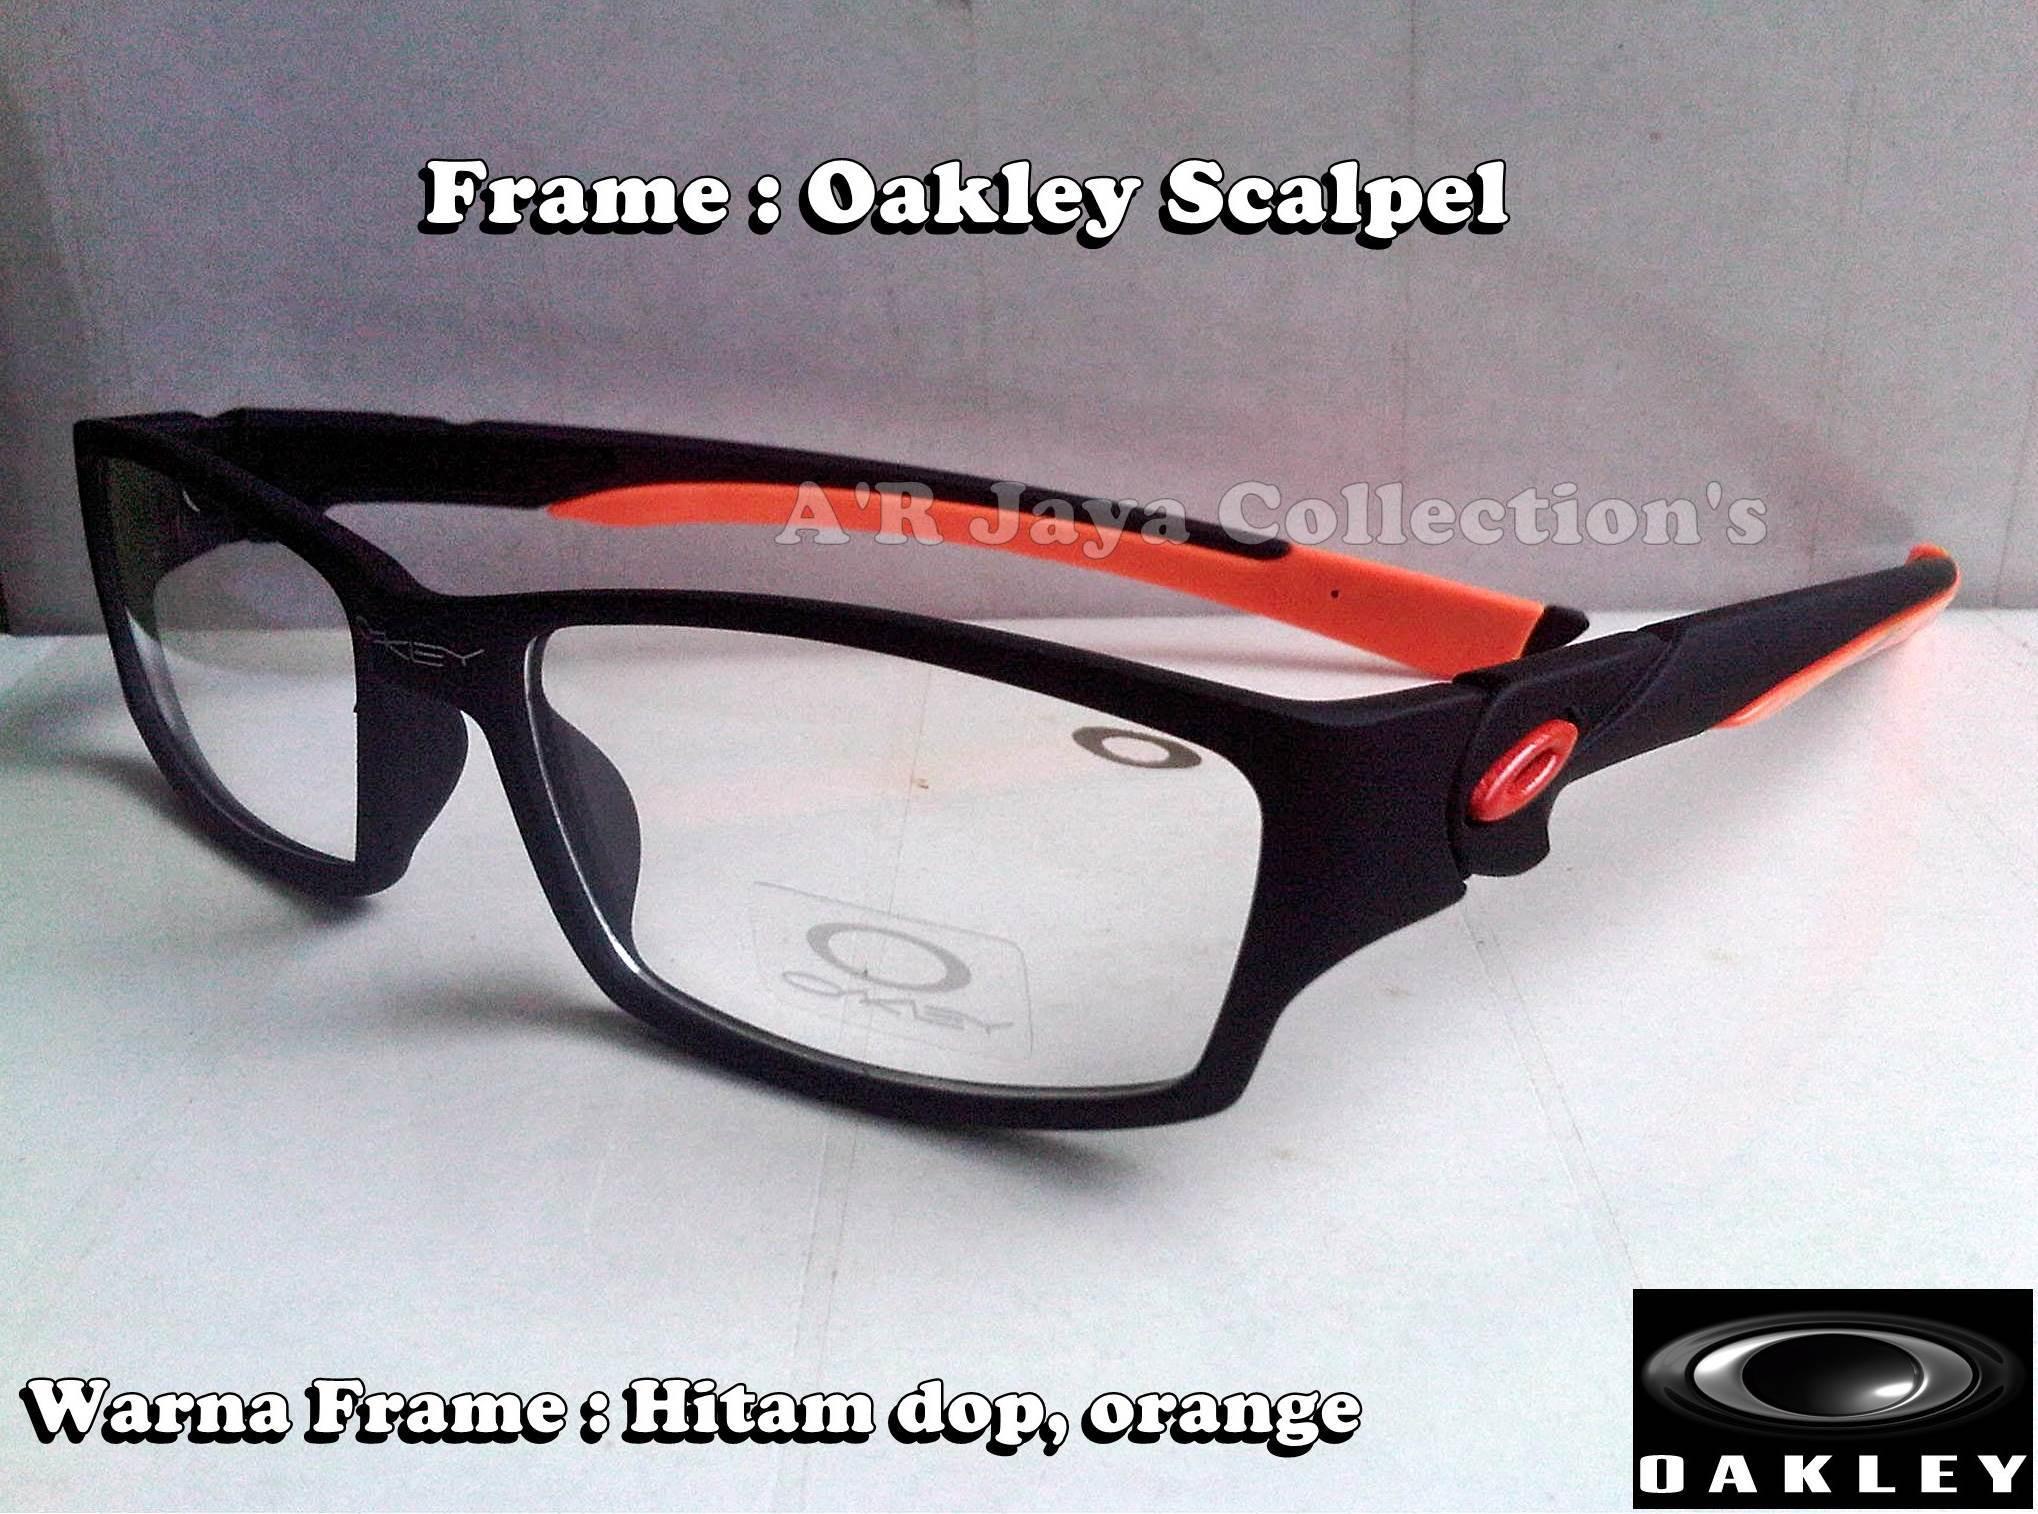 8d3a6dc091 ... coupon jual obral frame kacamata oakley sporty scalpel kw . arjaya  olshop tokopedia 548d3 982f9